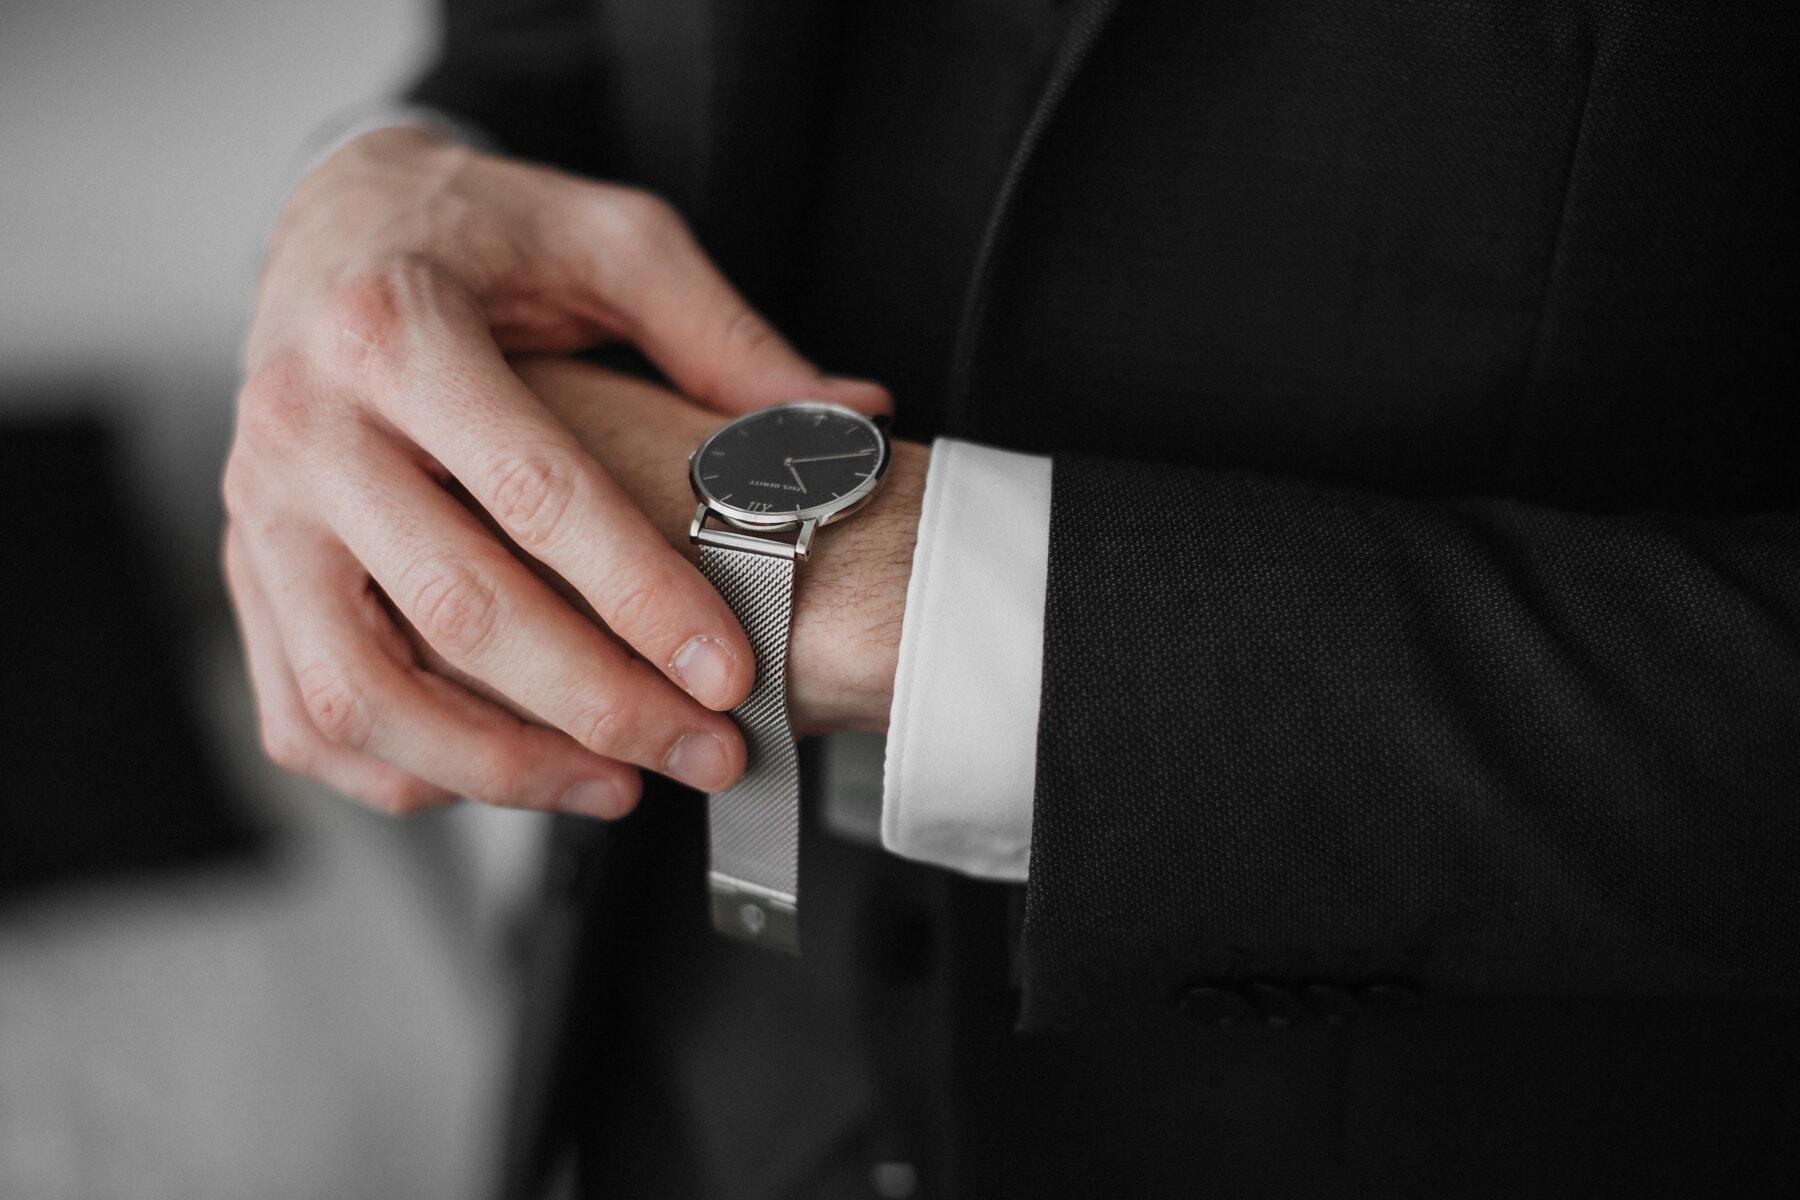 horloge analogique, montre à bracelet, boucle, Silver, Gestionnaire, homme d'affaire, costume de smoking, main, homme, à l'intérieur